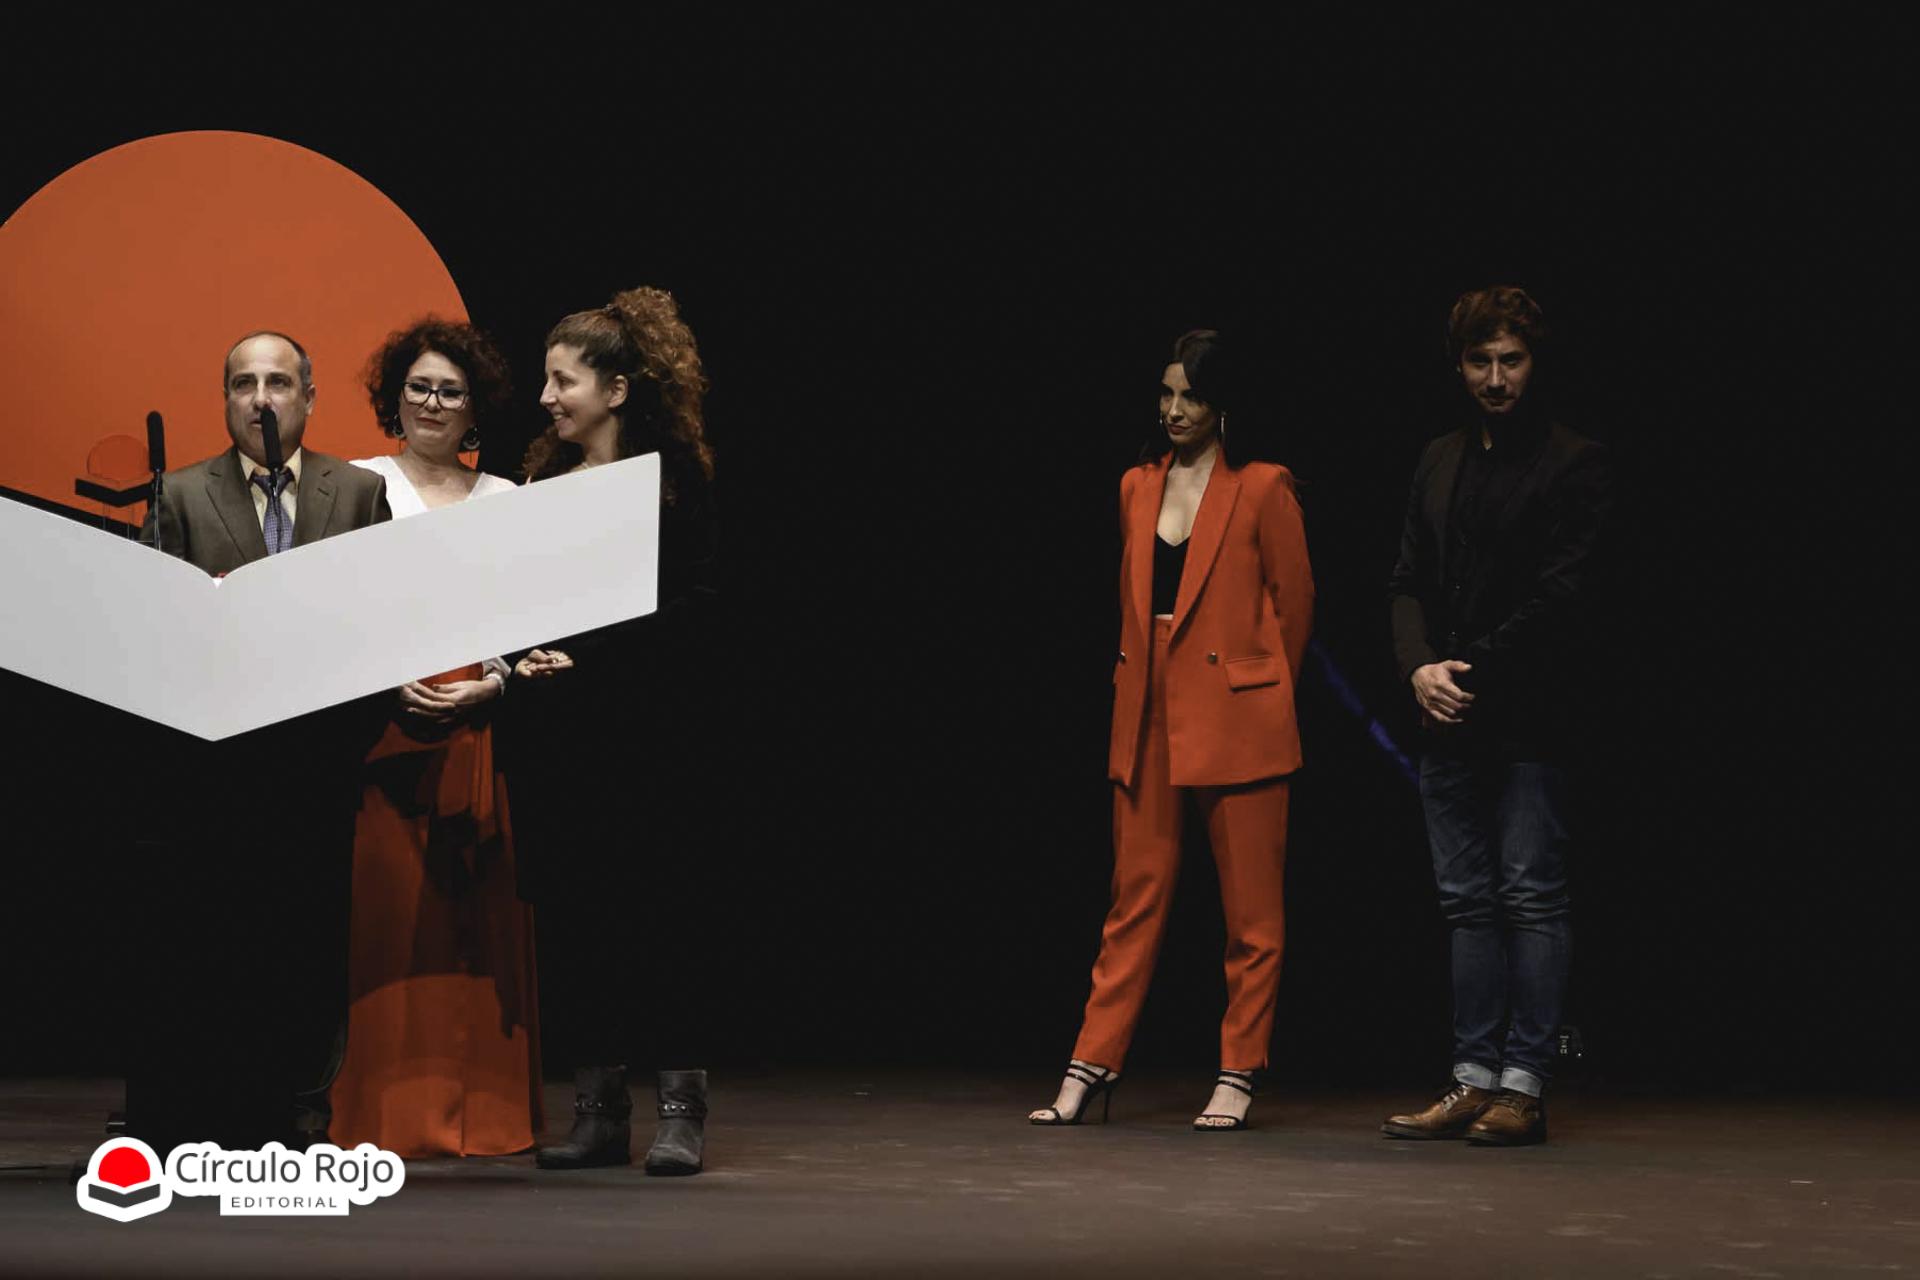 Entrevista a ganadores de los Premios Círculo Rojo 2019: te cuento un cuadro